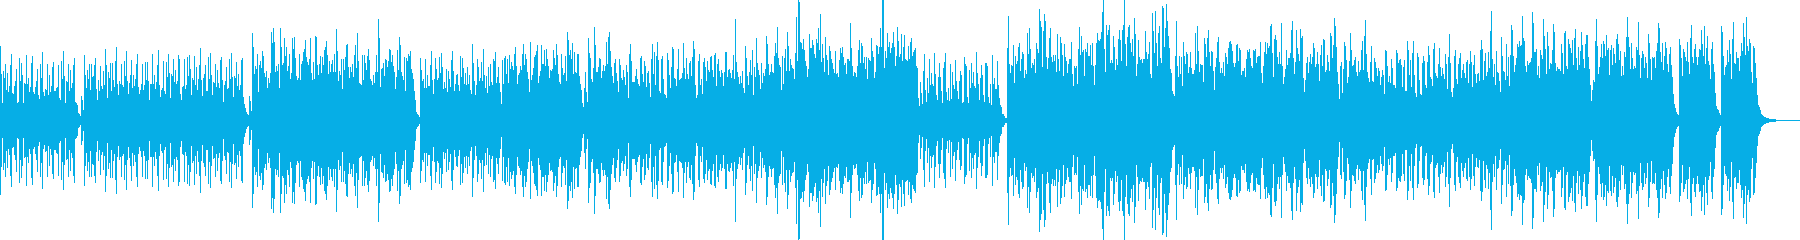 グリーン・スリーブスジャズワルツチェロの再生済みの波形